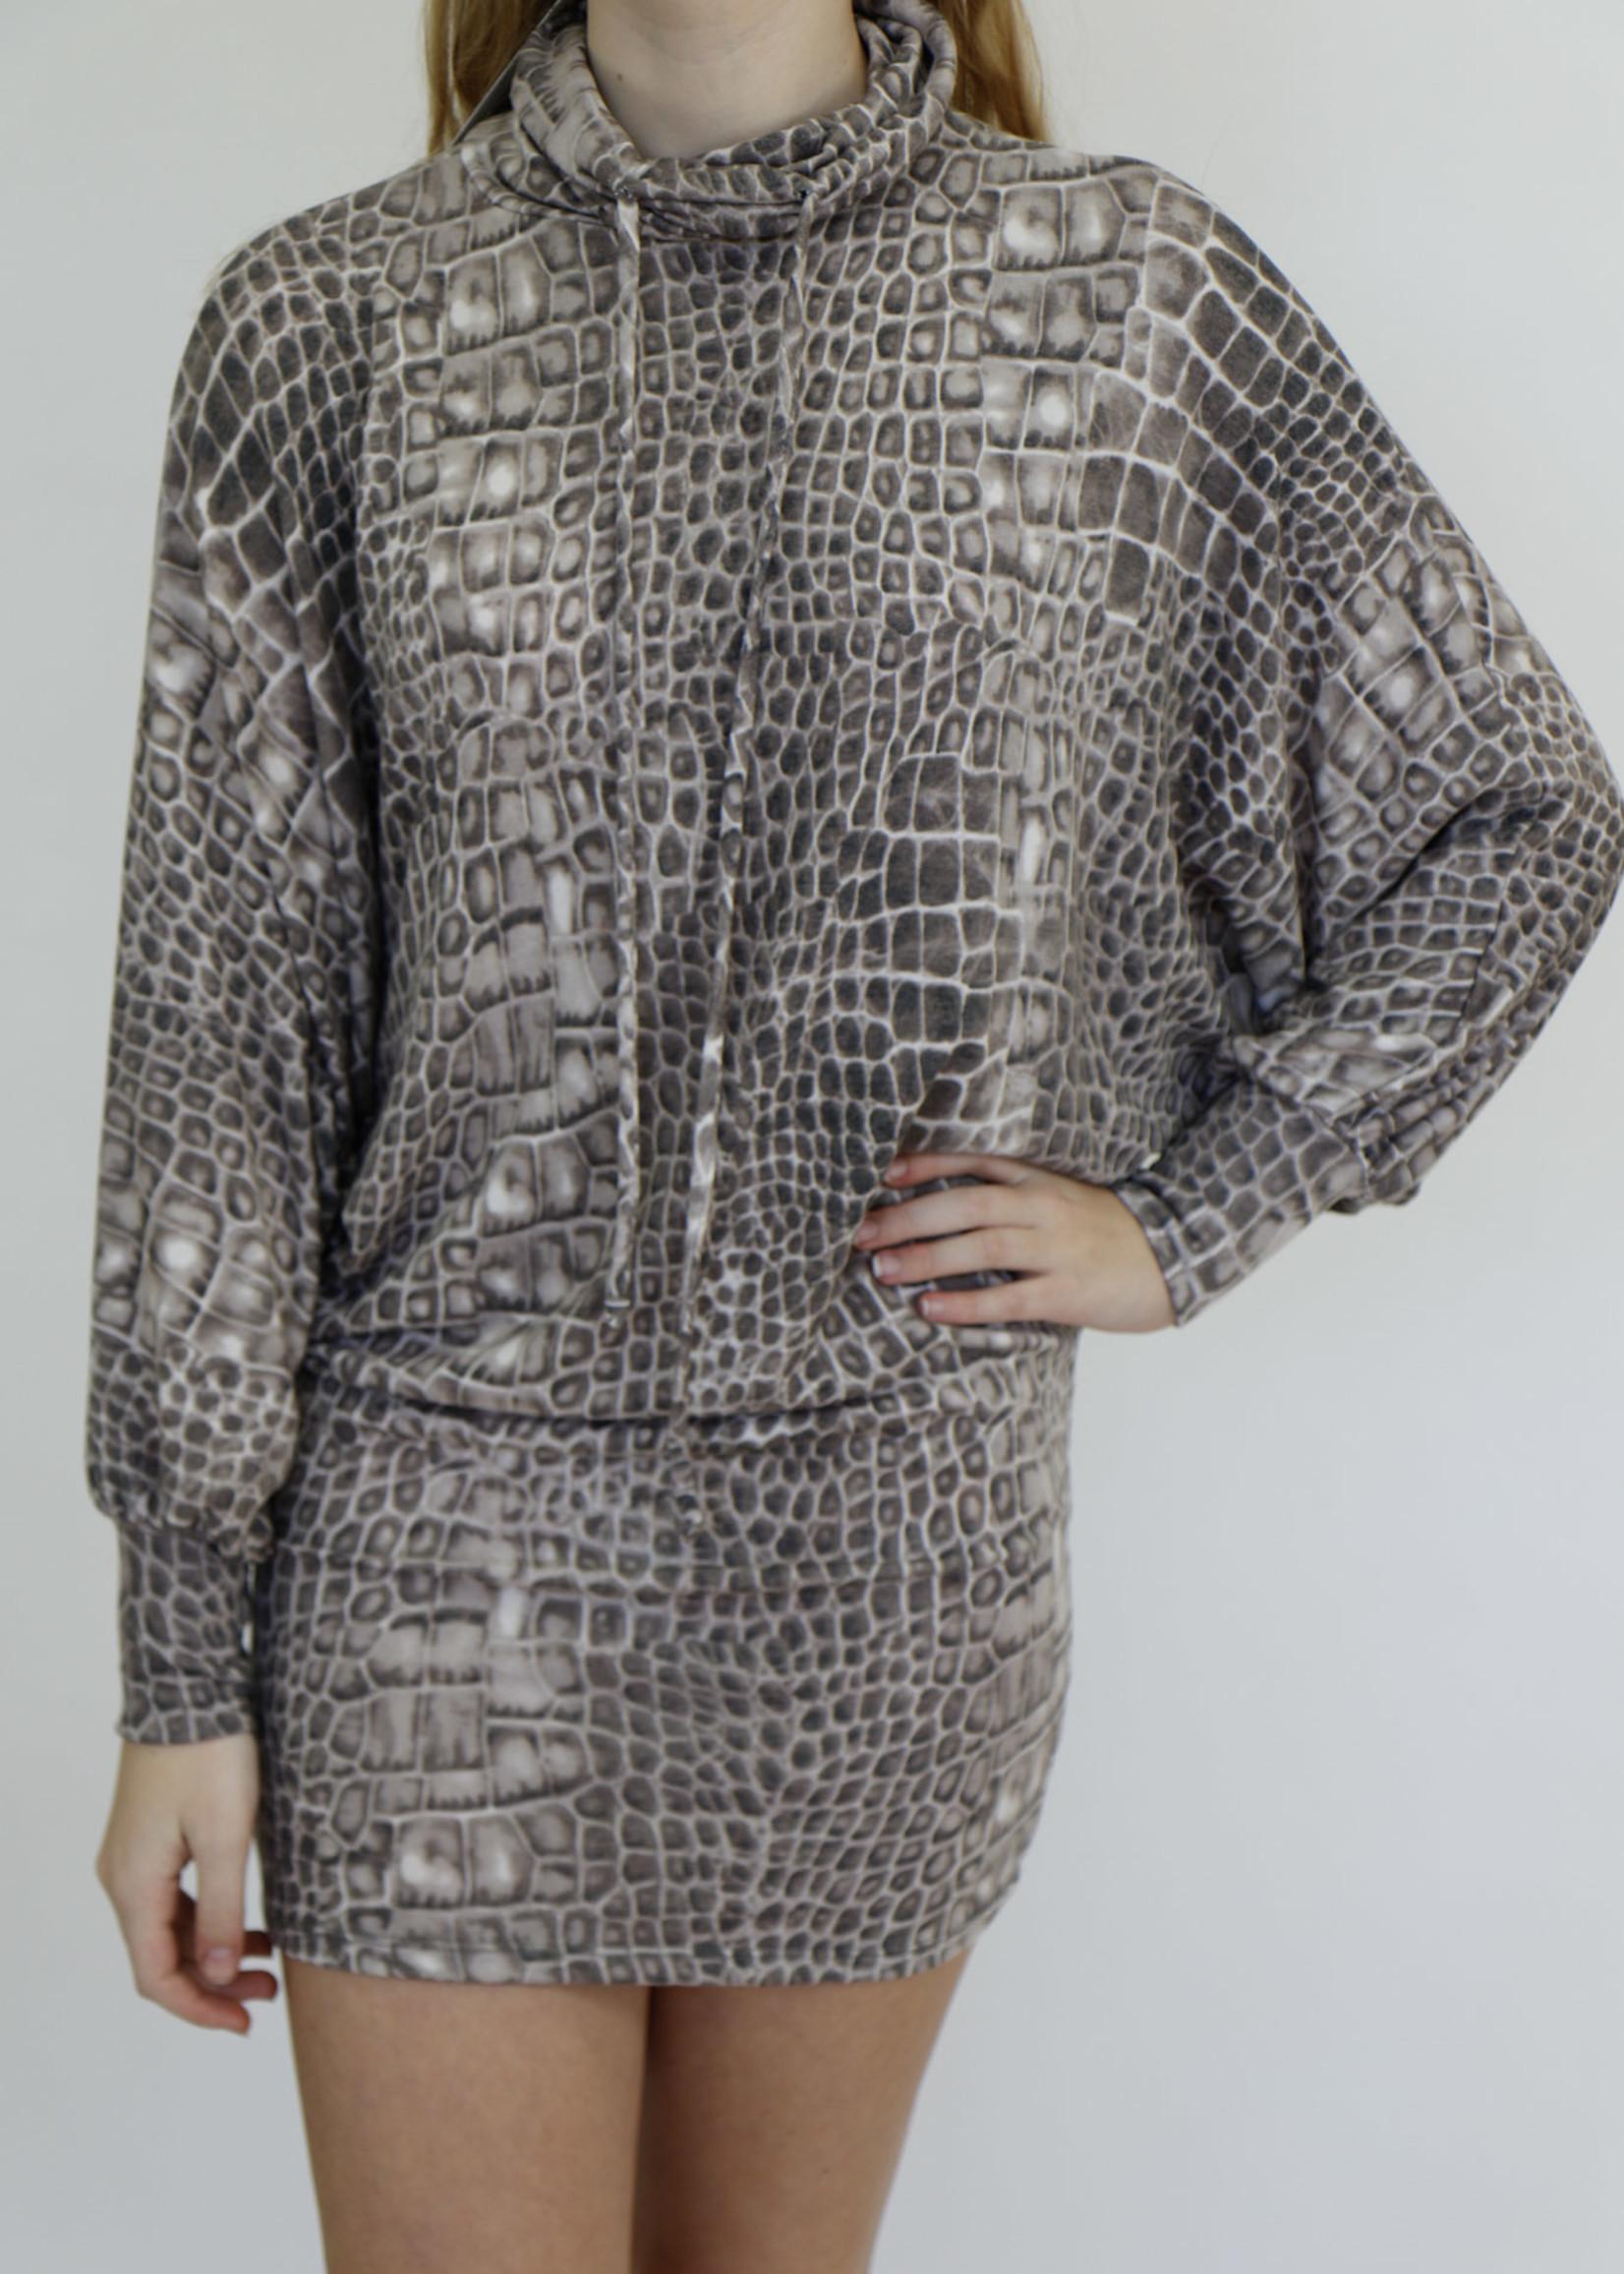 Bucketlist Alligator Skin Printed Turtle Neck Long Sleeves Mid Dress